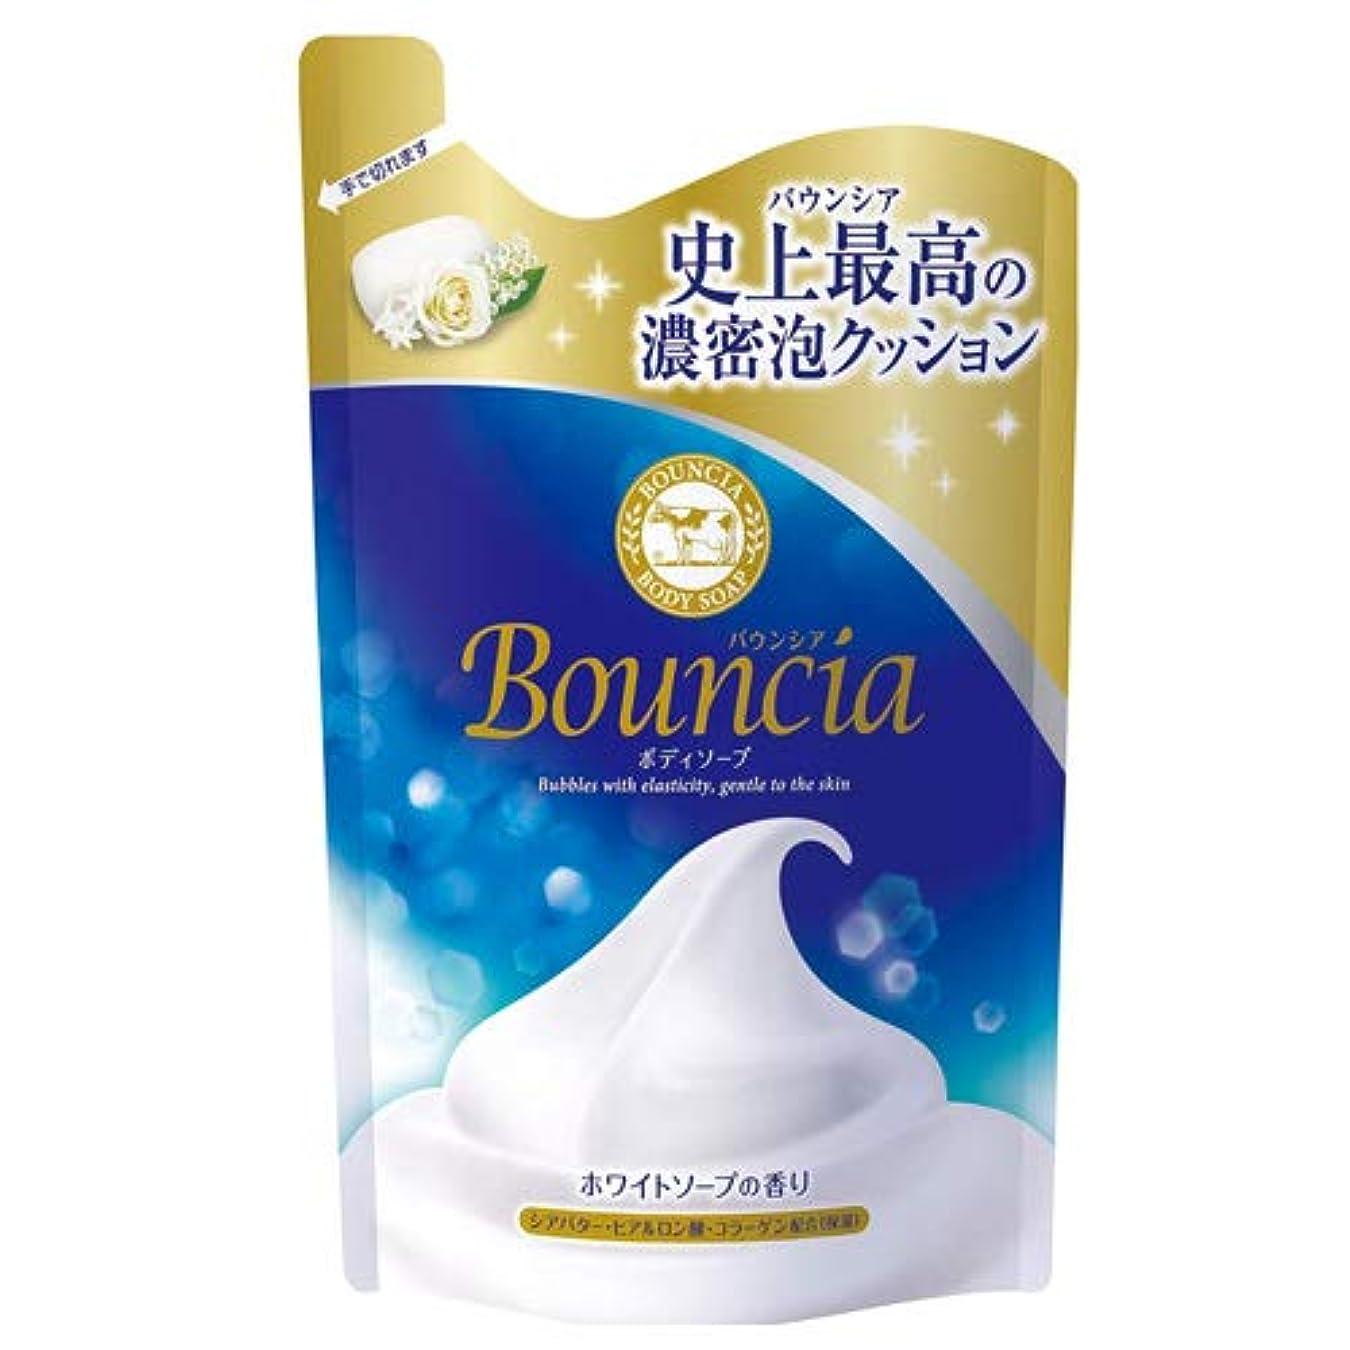 脚本ふさわしい勤勉な牛乳石鹸 バウンシア ボディソープ 詰替用 400ml×4個